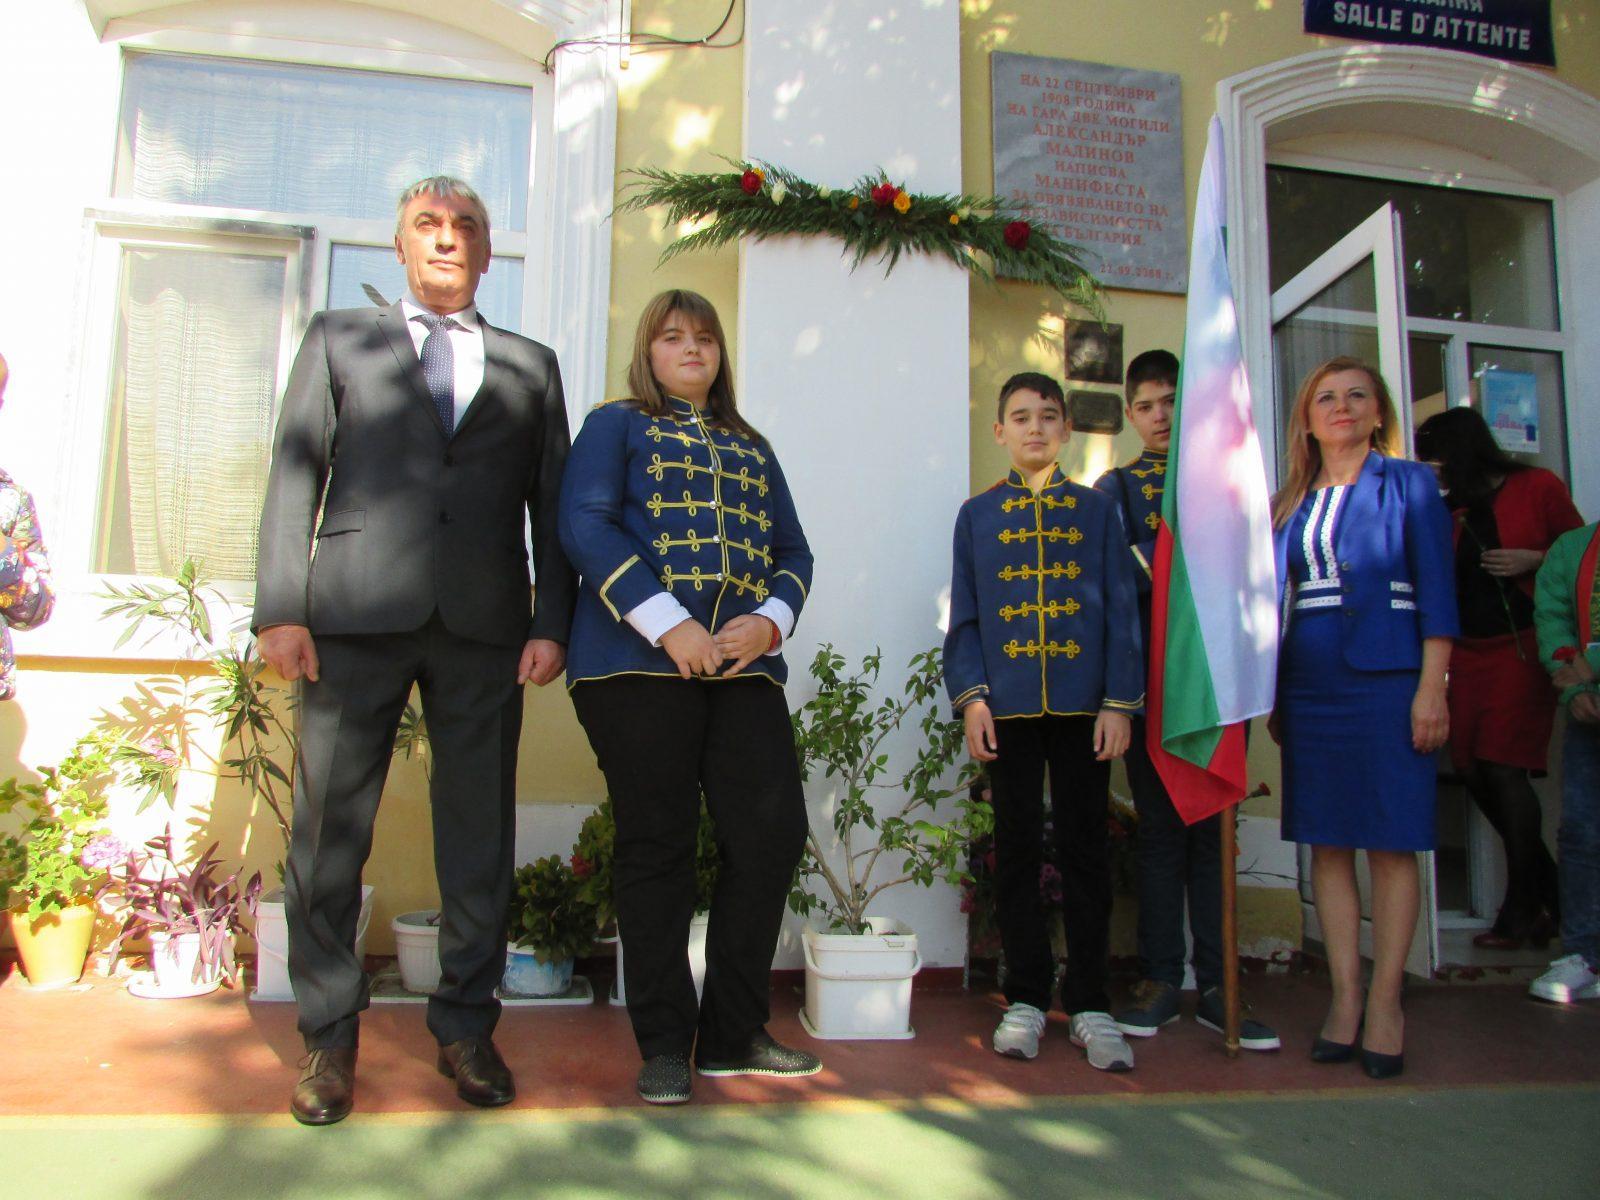 Шествие и официална церемония по повод Деня на независимостта в Две могили